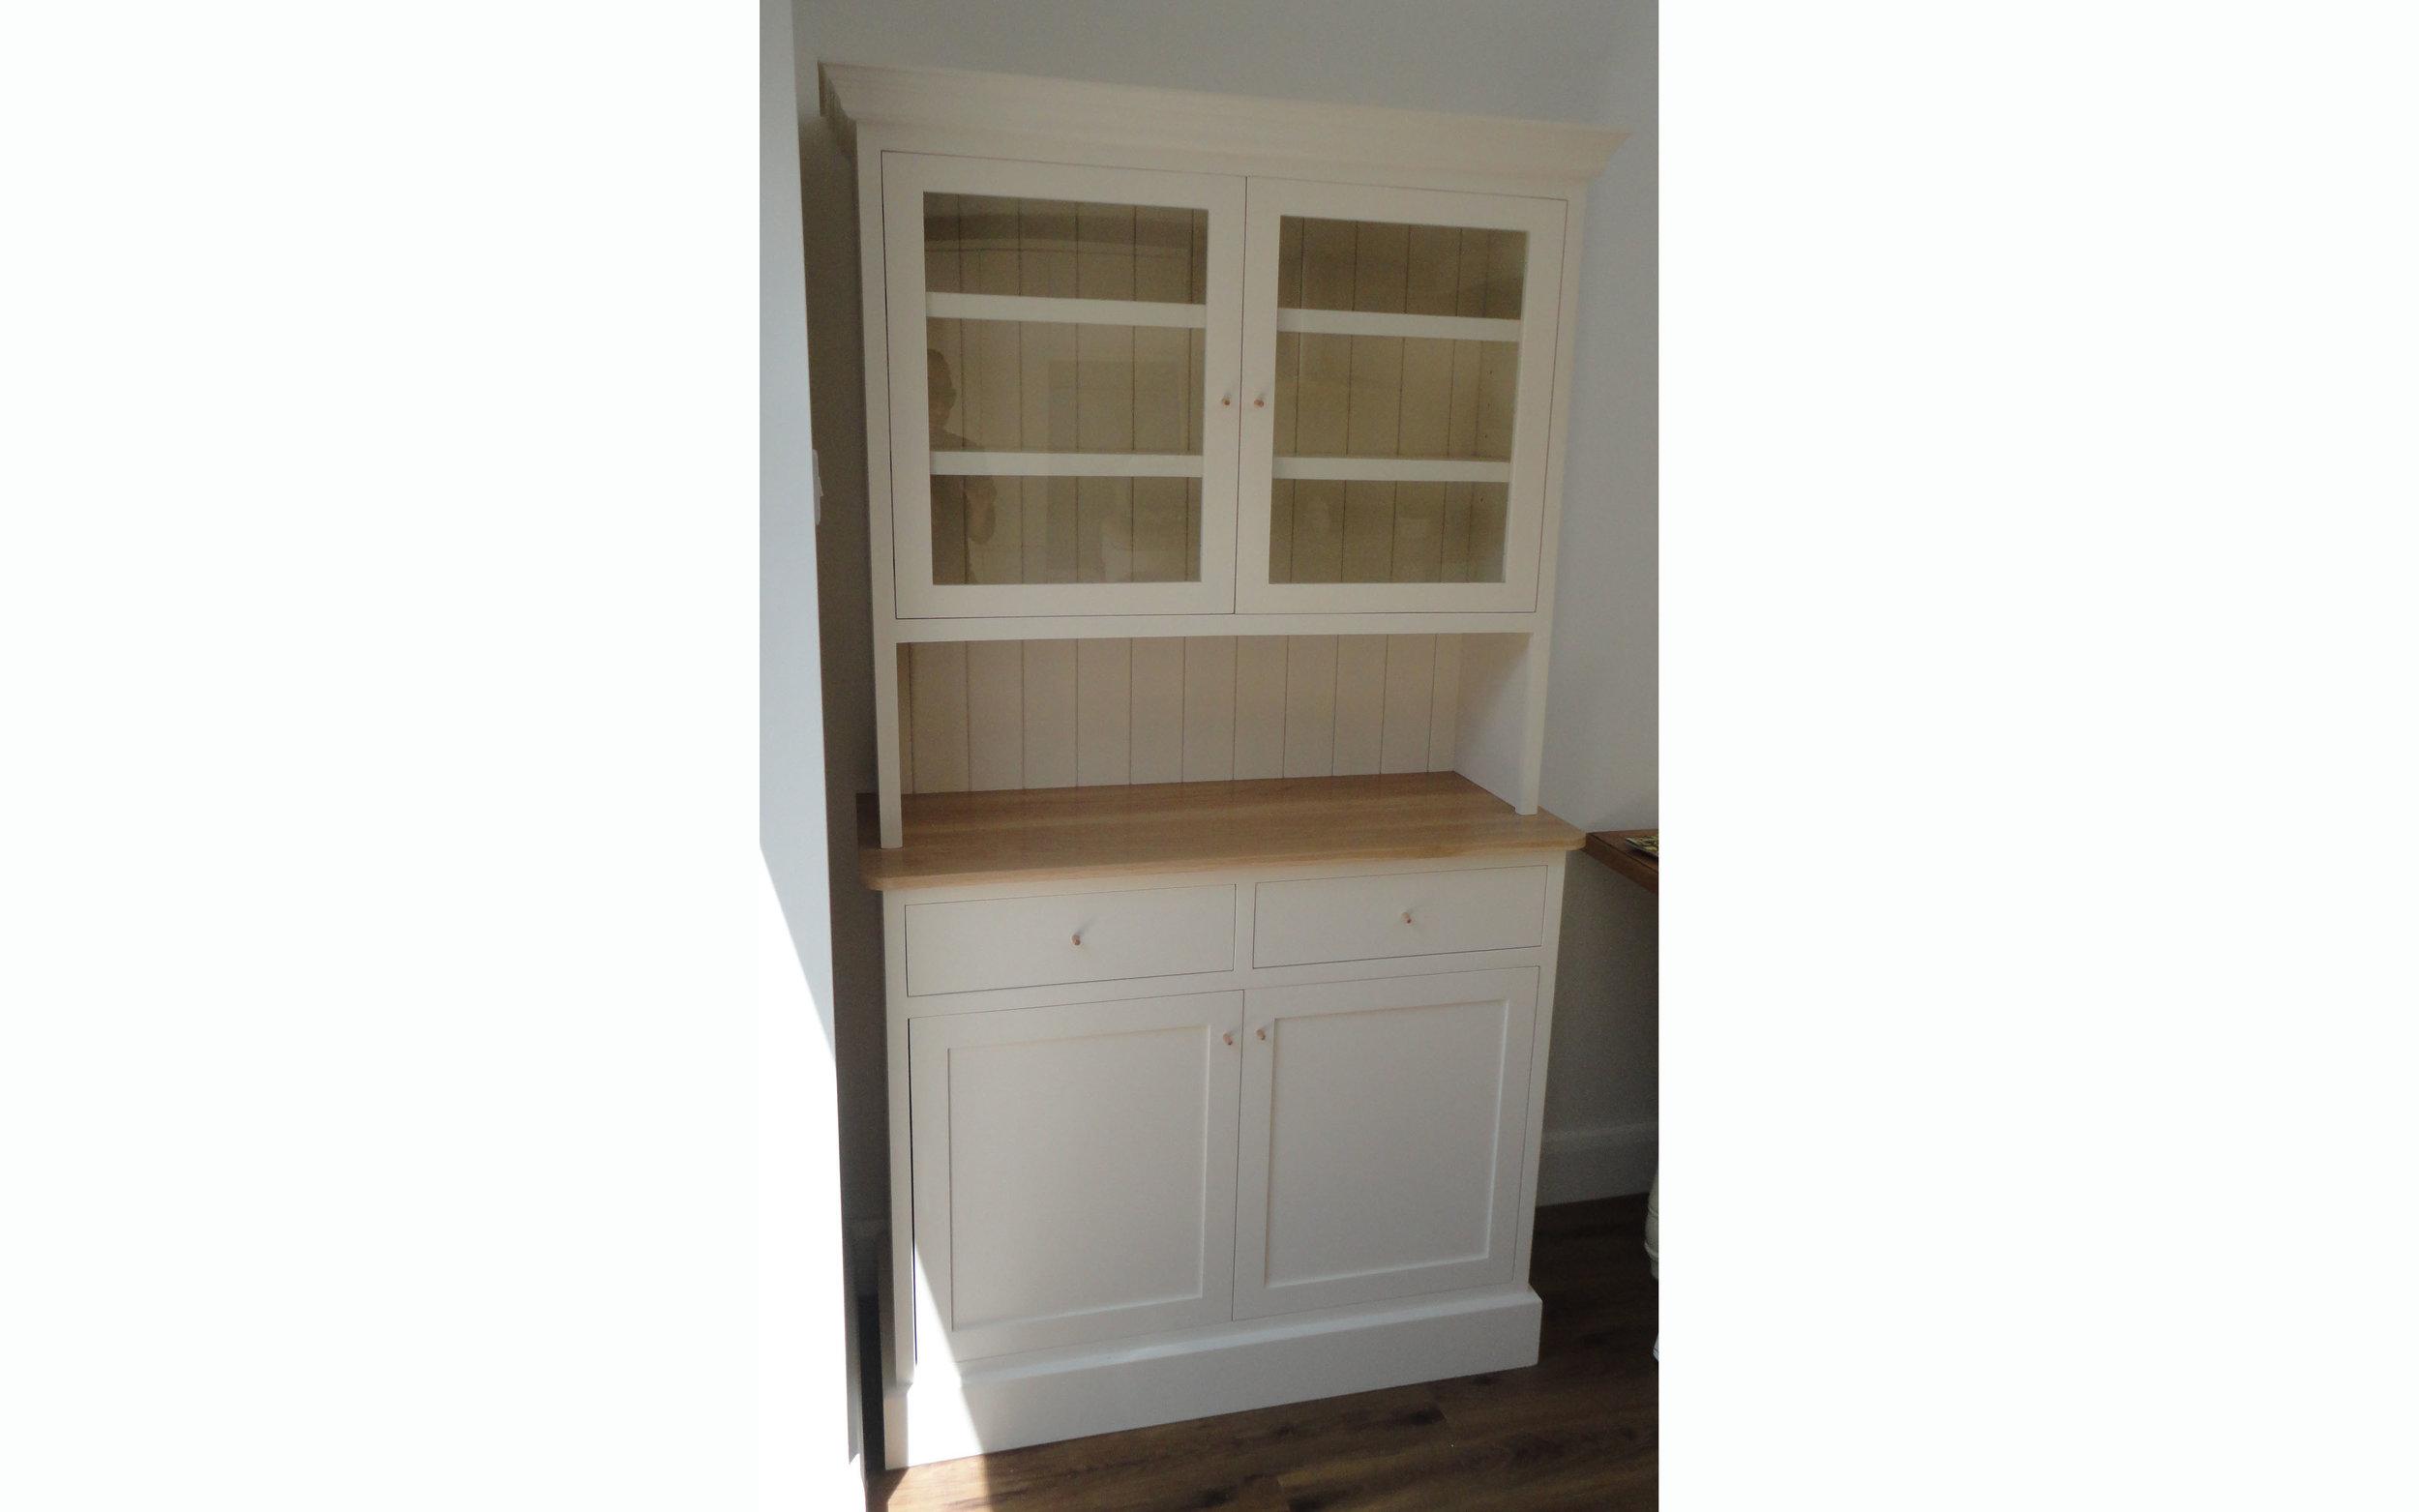 Oak-topped dresser